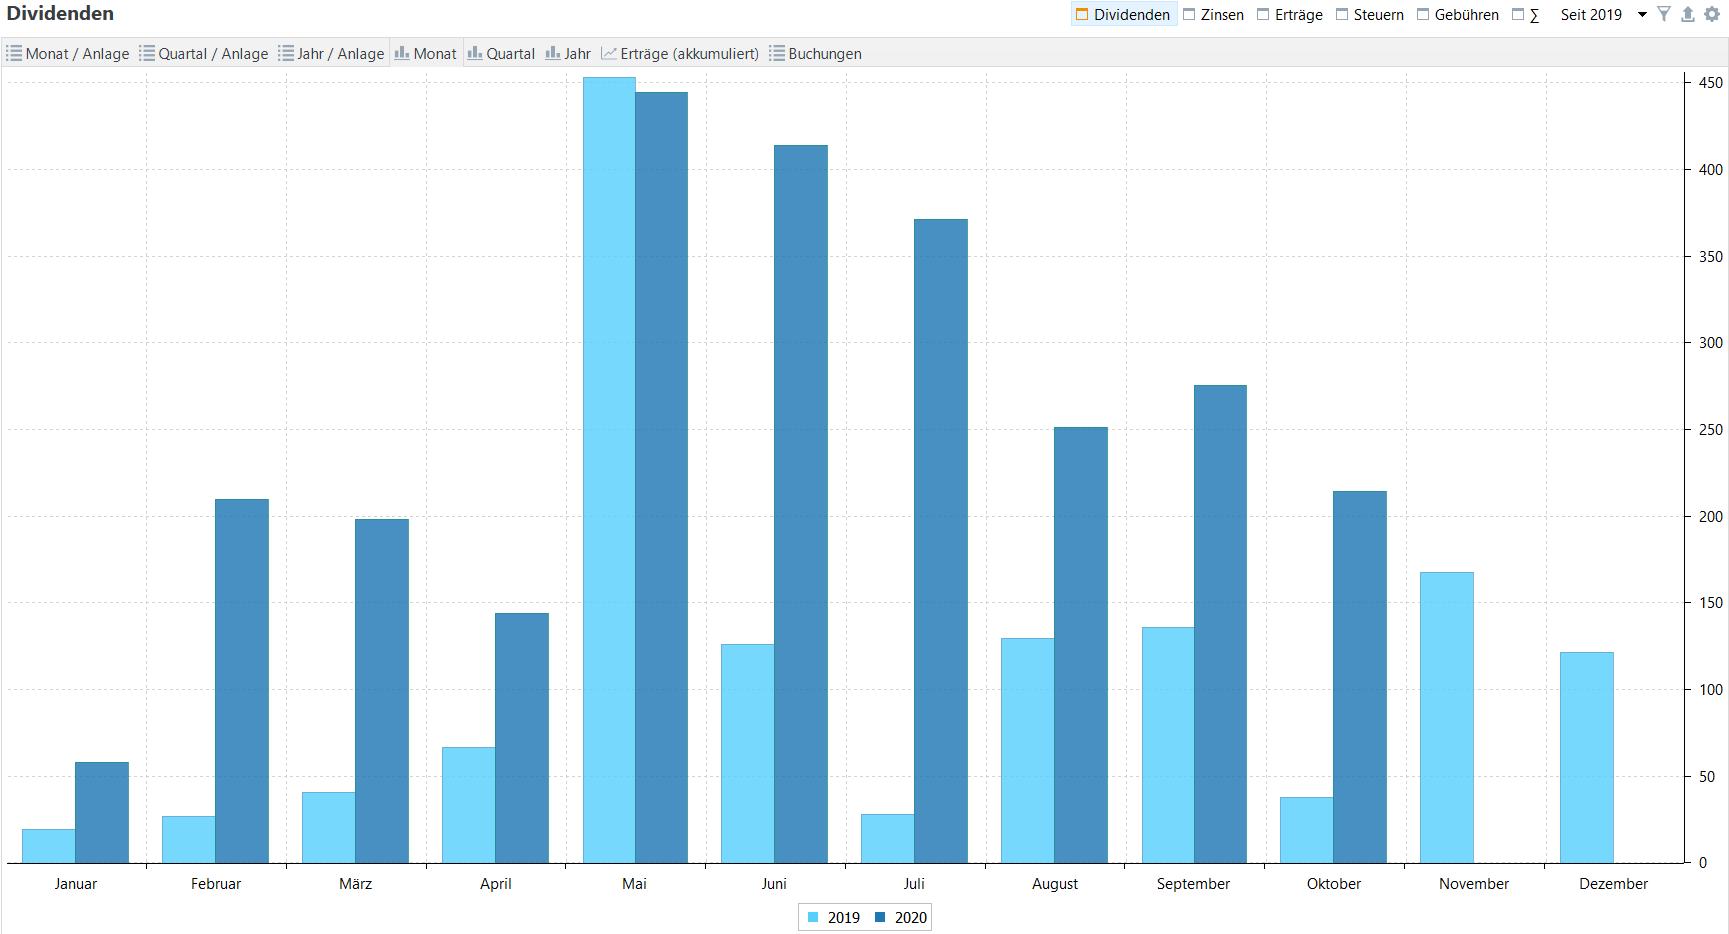 Passives Einkommen aus Dividenden im Jahresvergleich (Stand: 01.11.2020)